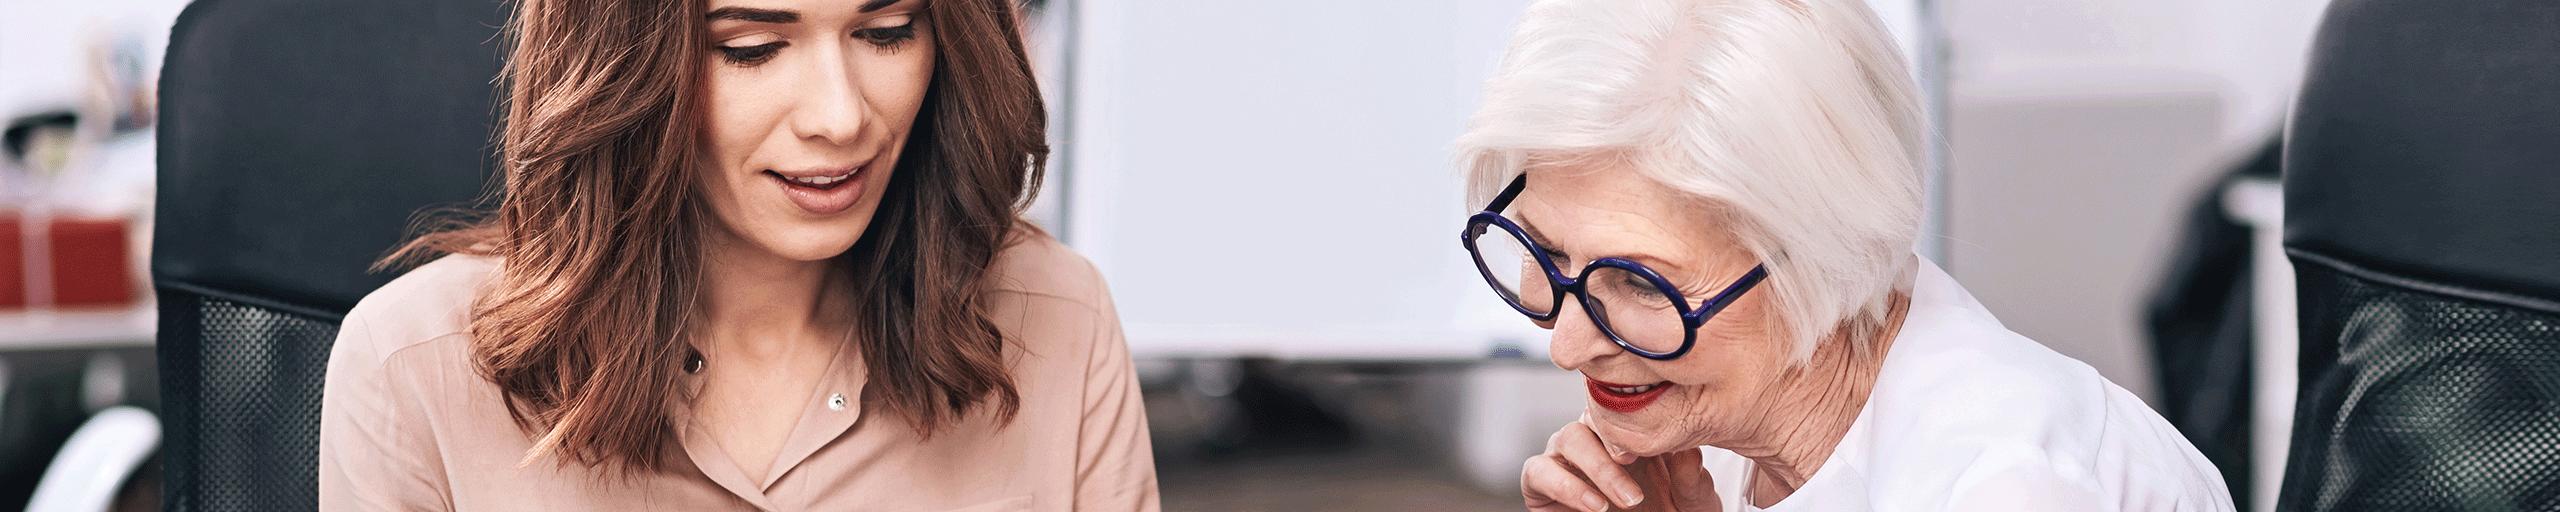 Una donna di affari giovane e una donna anziana discute il progetto